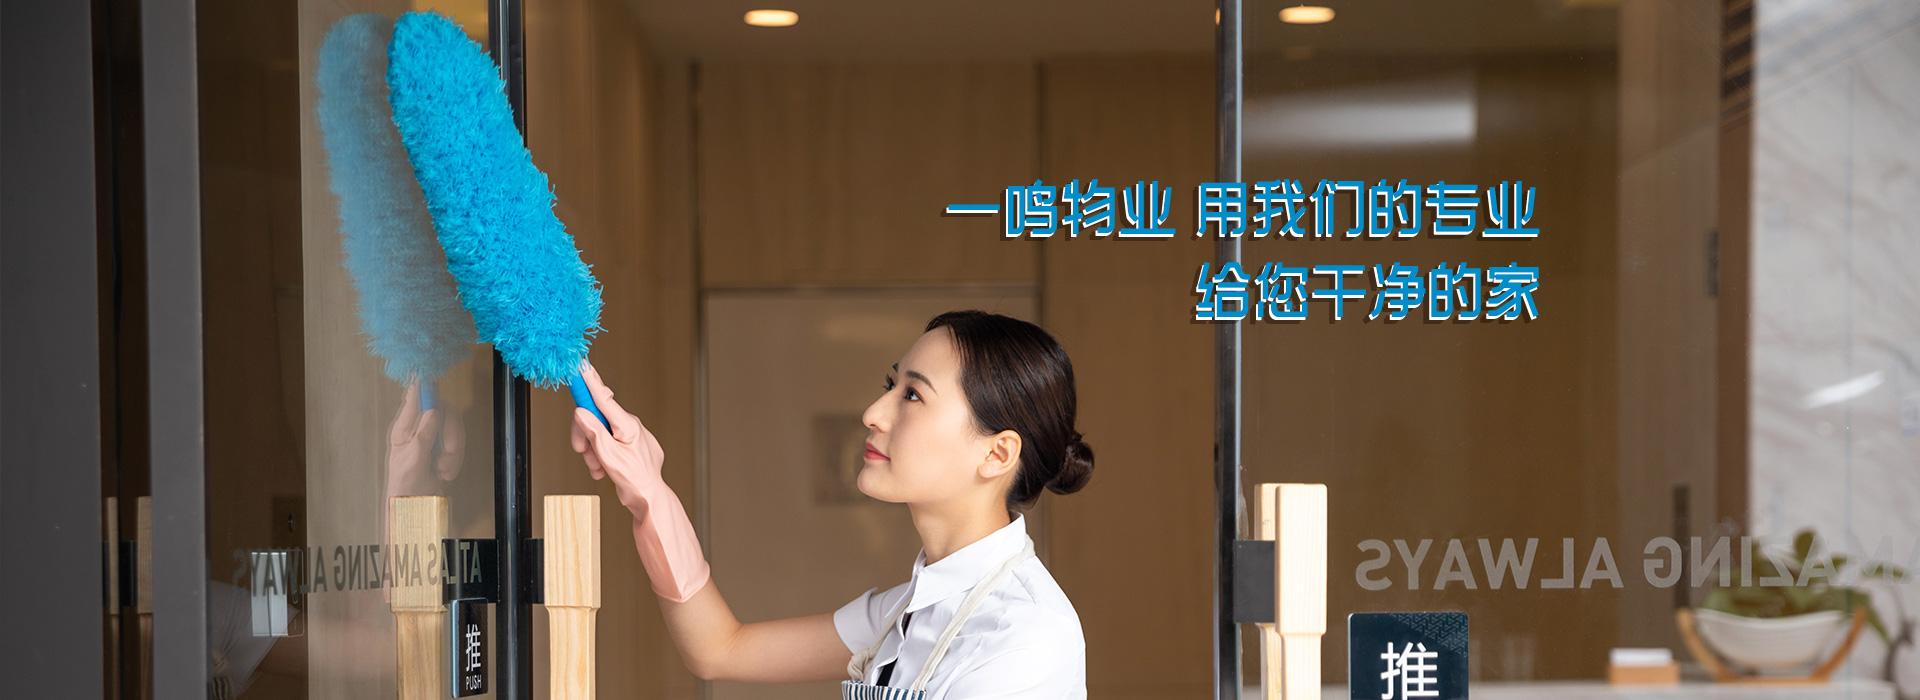 河南濮阳物业公司